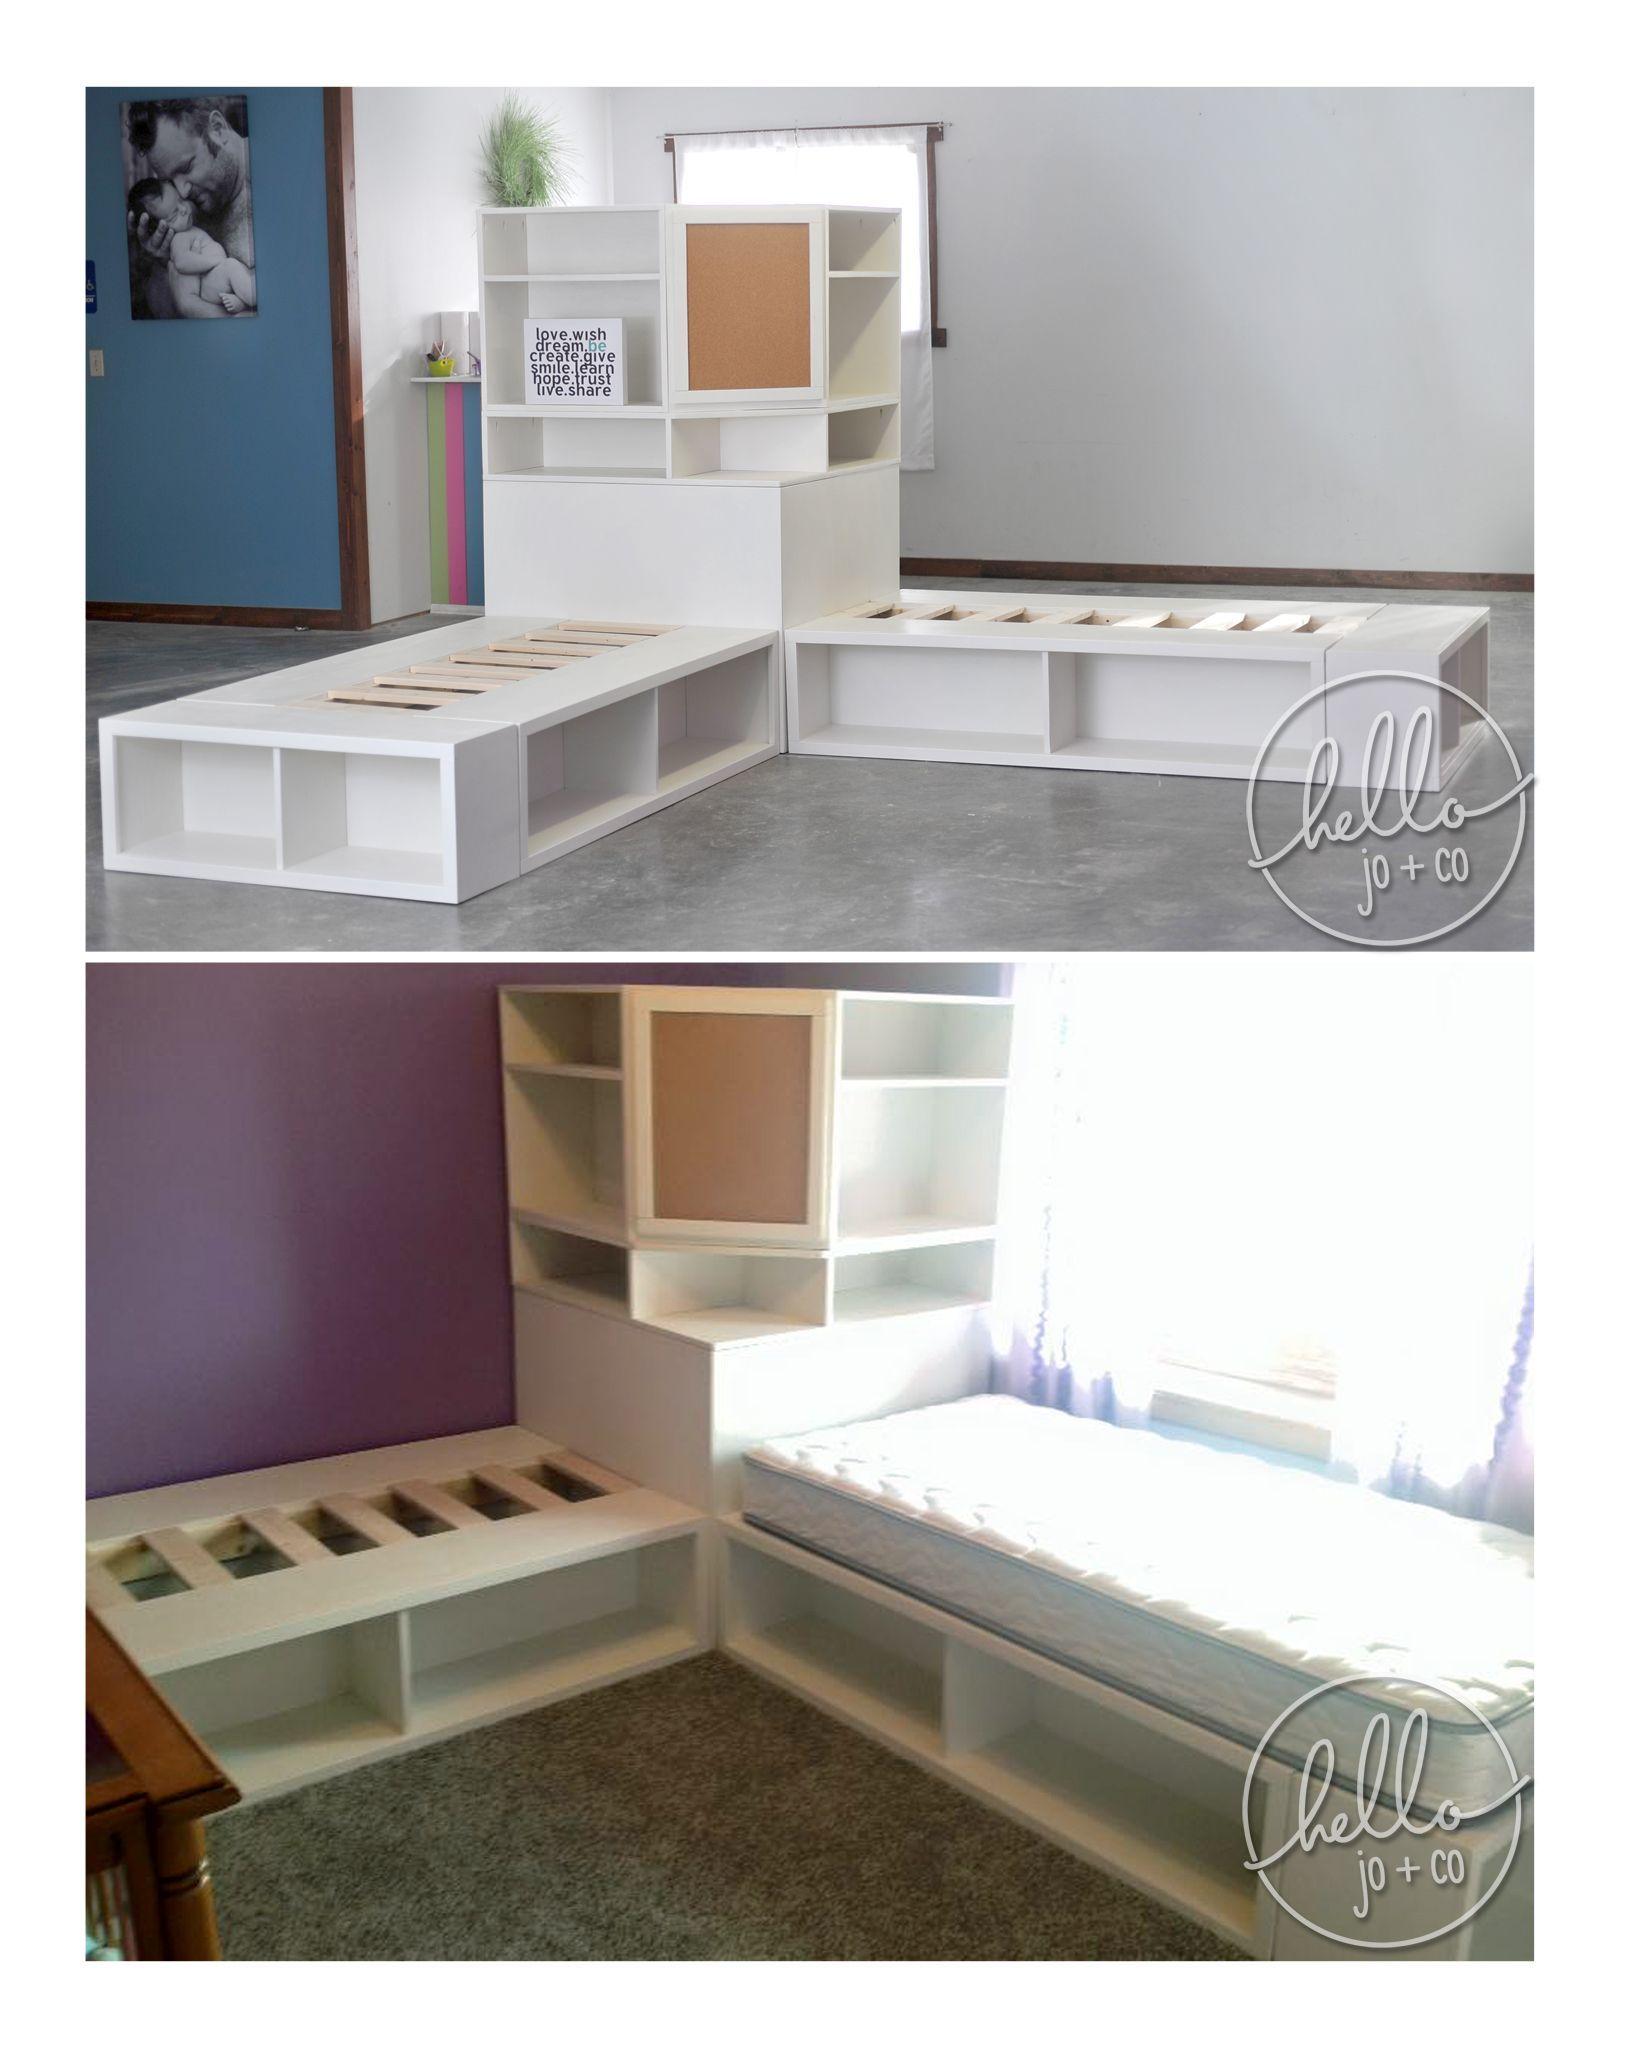 Homemade twin loft bed  hellojoandco Store It Corner unit corner hutch and  twin